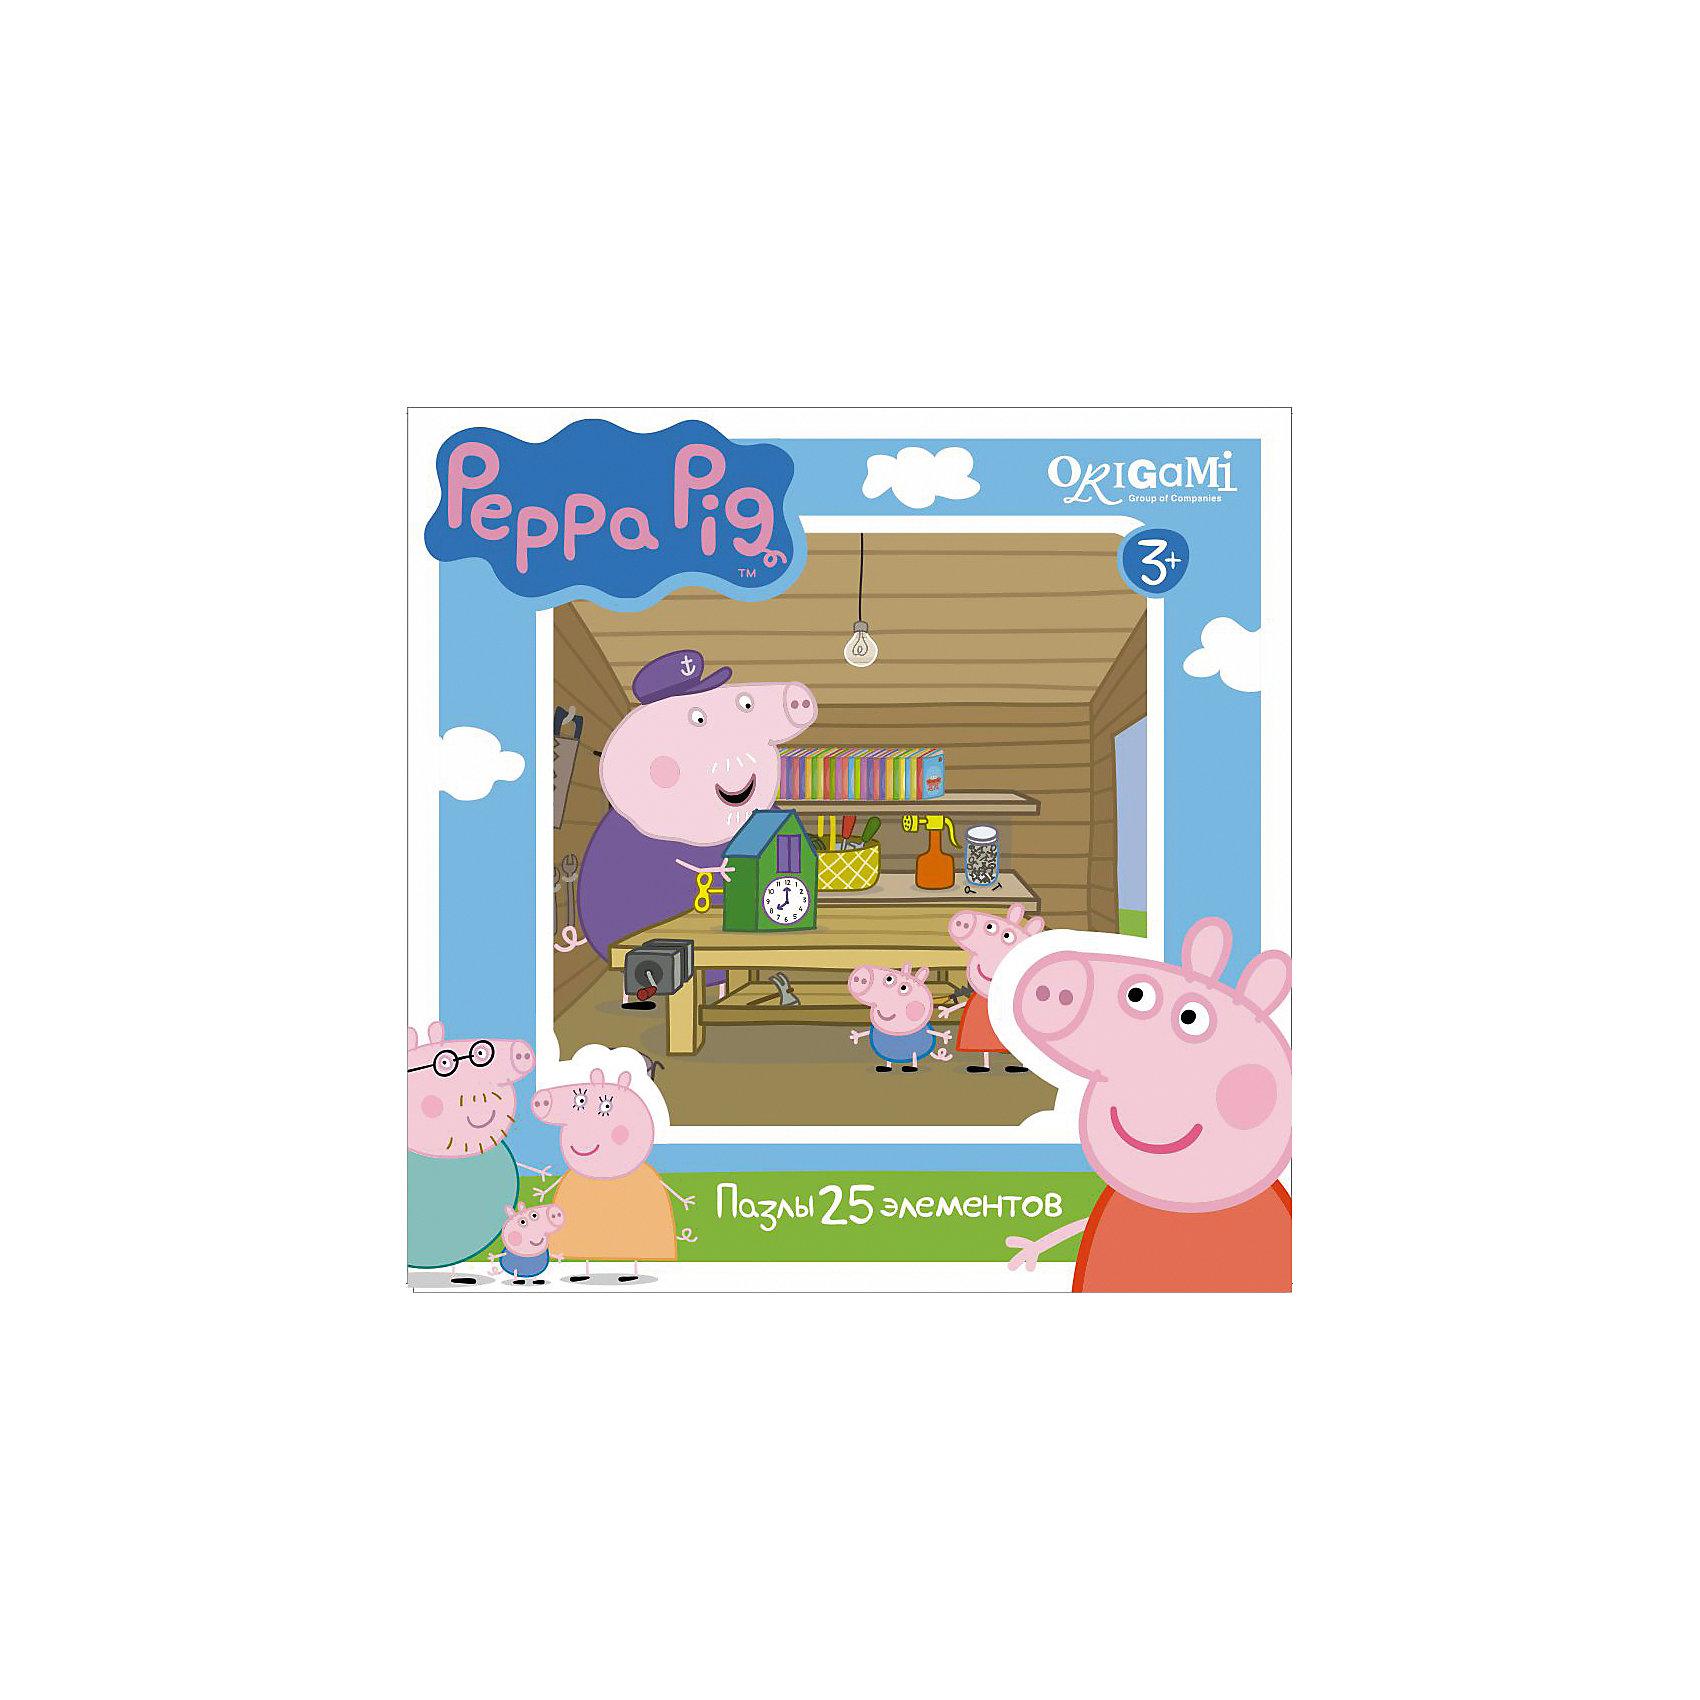 Пазл Свинка Пеппа, 25 деталей, OrigamiСвинка Пеппа<br>Пазл Свинка Пеппа, Origami - увлекательный набор для творчества, который заинтересует Вашего малыша и подарит ему отличное настроение. Из деталей пазла он сможет собрать красочную картинку с веселым сюжетом из популярного мультсериала Свинка Пеппа (Peppa Pig): Пеппа и ее братик Джордж в мастерской дедушки Свина. Пазл отличается высоким качеством полиграфии и насыщенными цветами. Благодаря ламинированному покрытию, картинка надолго сохраняет свой блеск и яркие цвета. Плотный картон не дает деталям мяться и обеспечивает надежное соединение. Собирание пазла способствует развитию логического и пространственного мышления, внимания, мелкой моторики и координации движений.<br><br>Дополнительная информация:<br><br>- Материал: картон. <br>- Количество деталей: 25.<br>- Размер собранной картинки: 21 х 21 см.<br>- Размер упаковки: 15 х 15 х 4 см.<br>- Вес: 130 гр.<br> <br>Пазл Свинка Пеппа, 25 деталей, Origami, можно купить в нашем интернет-магазине.<br><br>Ширина мм: 150<br>Глубина мм: 45<br>Высота мм: 150<br>Вес г: 130<br>Возраст от месяцев: 36<br>Возраст до месяцев: 96<br>Пол: Унисекс<br>Возраст: Детский<br>SKU: 4614928